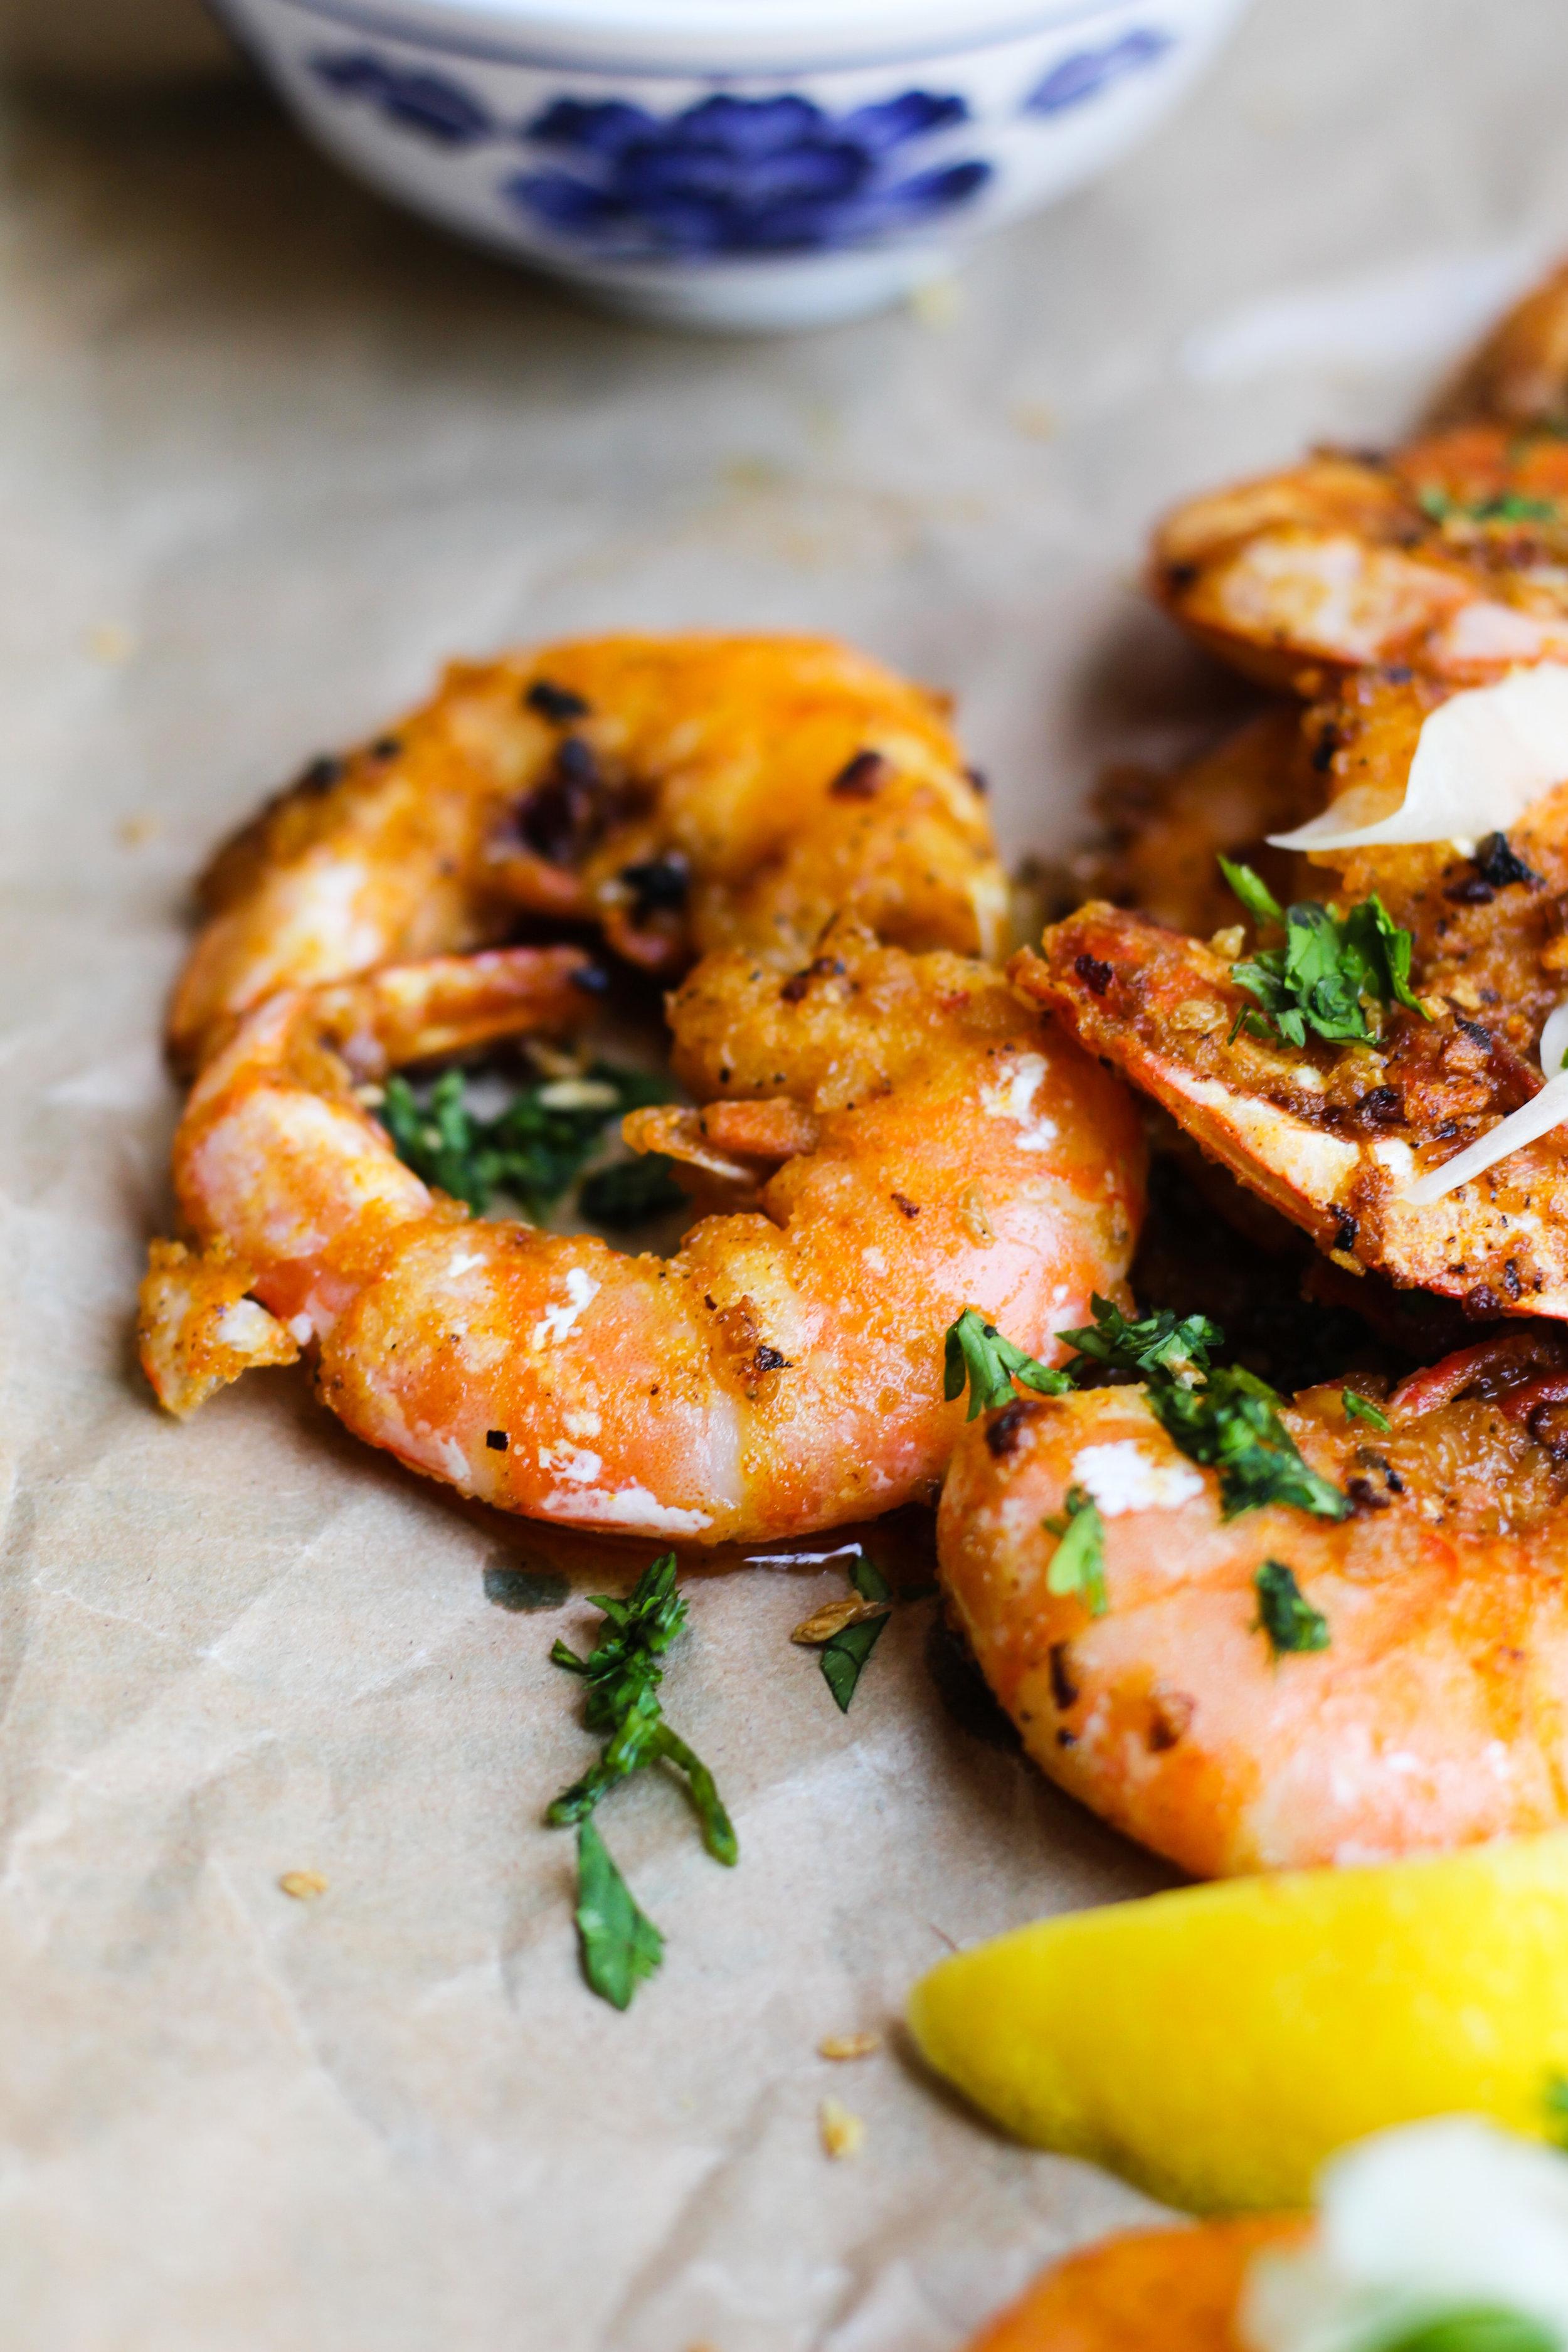 Hawaiian Garlic Shrimp with a Sweet Onion Salad